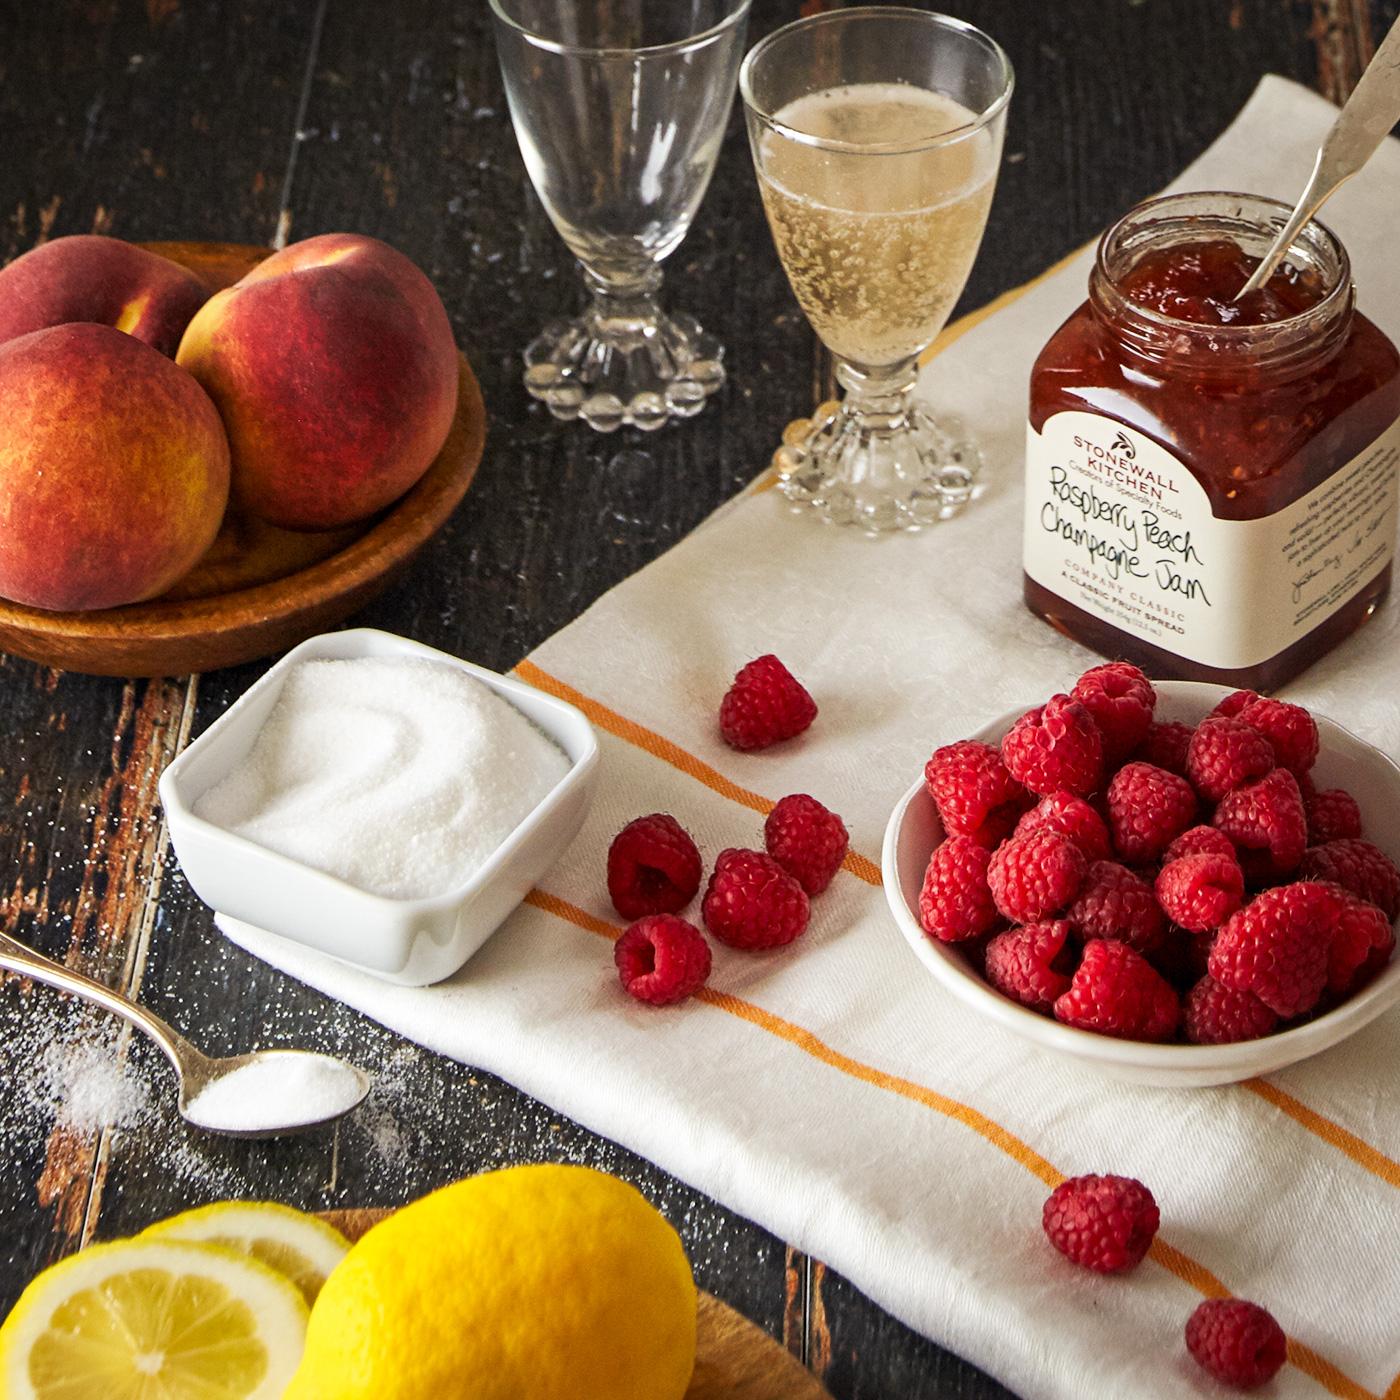 Raspberry Peach Champagne Jam via @susanmylovingoven.com